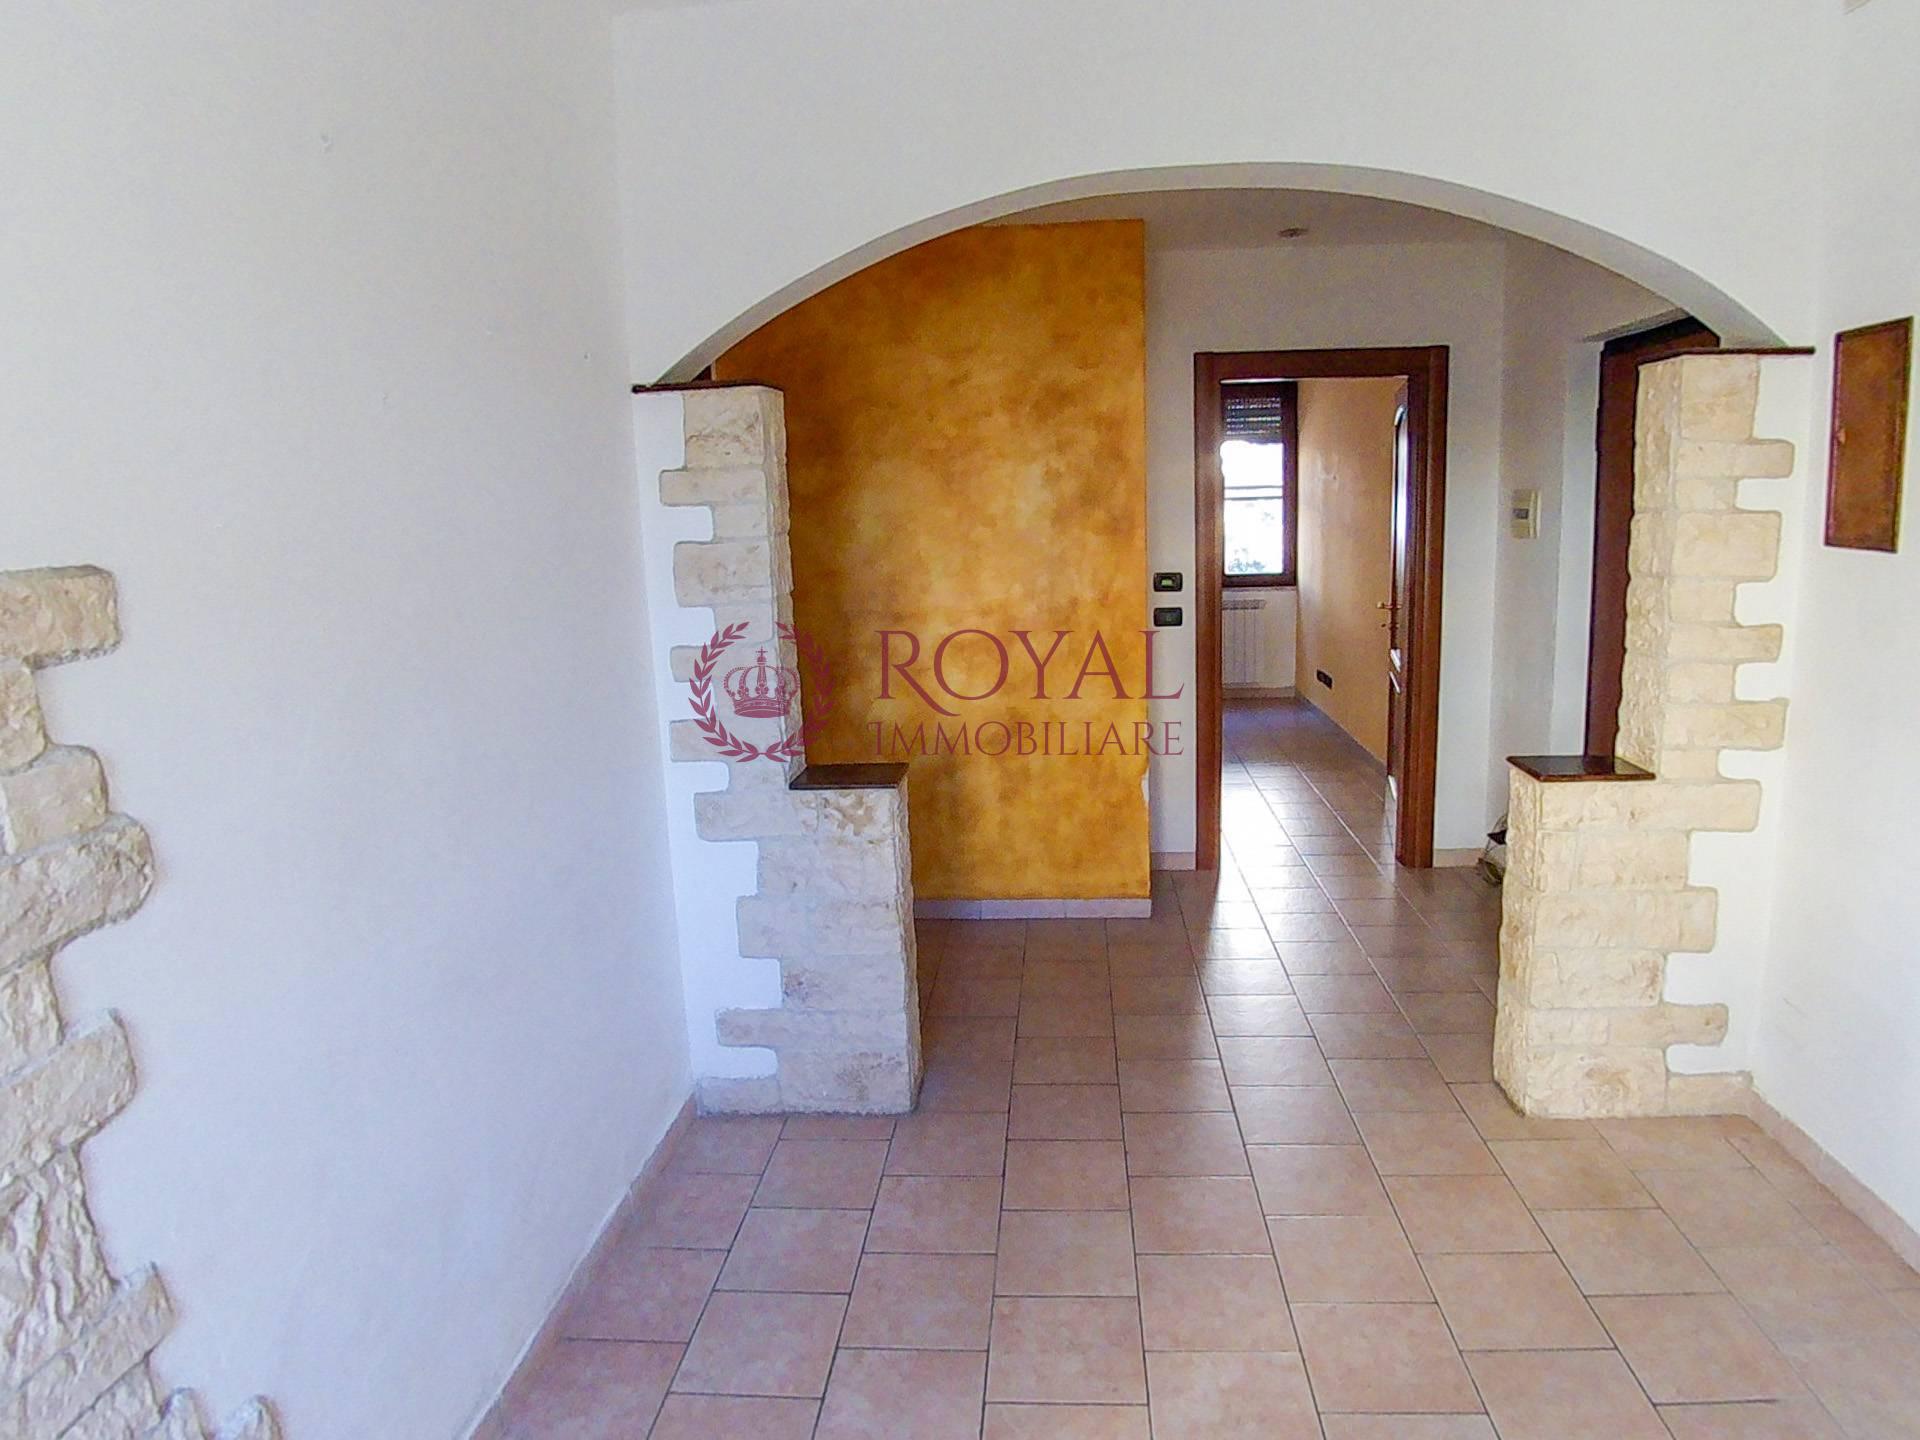 livorno vendita quart: corea royal immobiliare professional s.a.s.